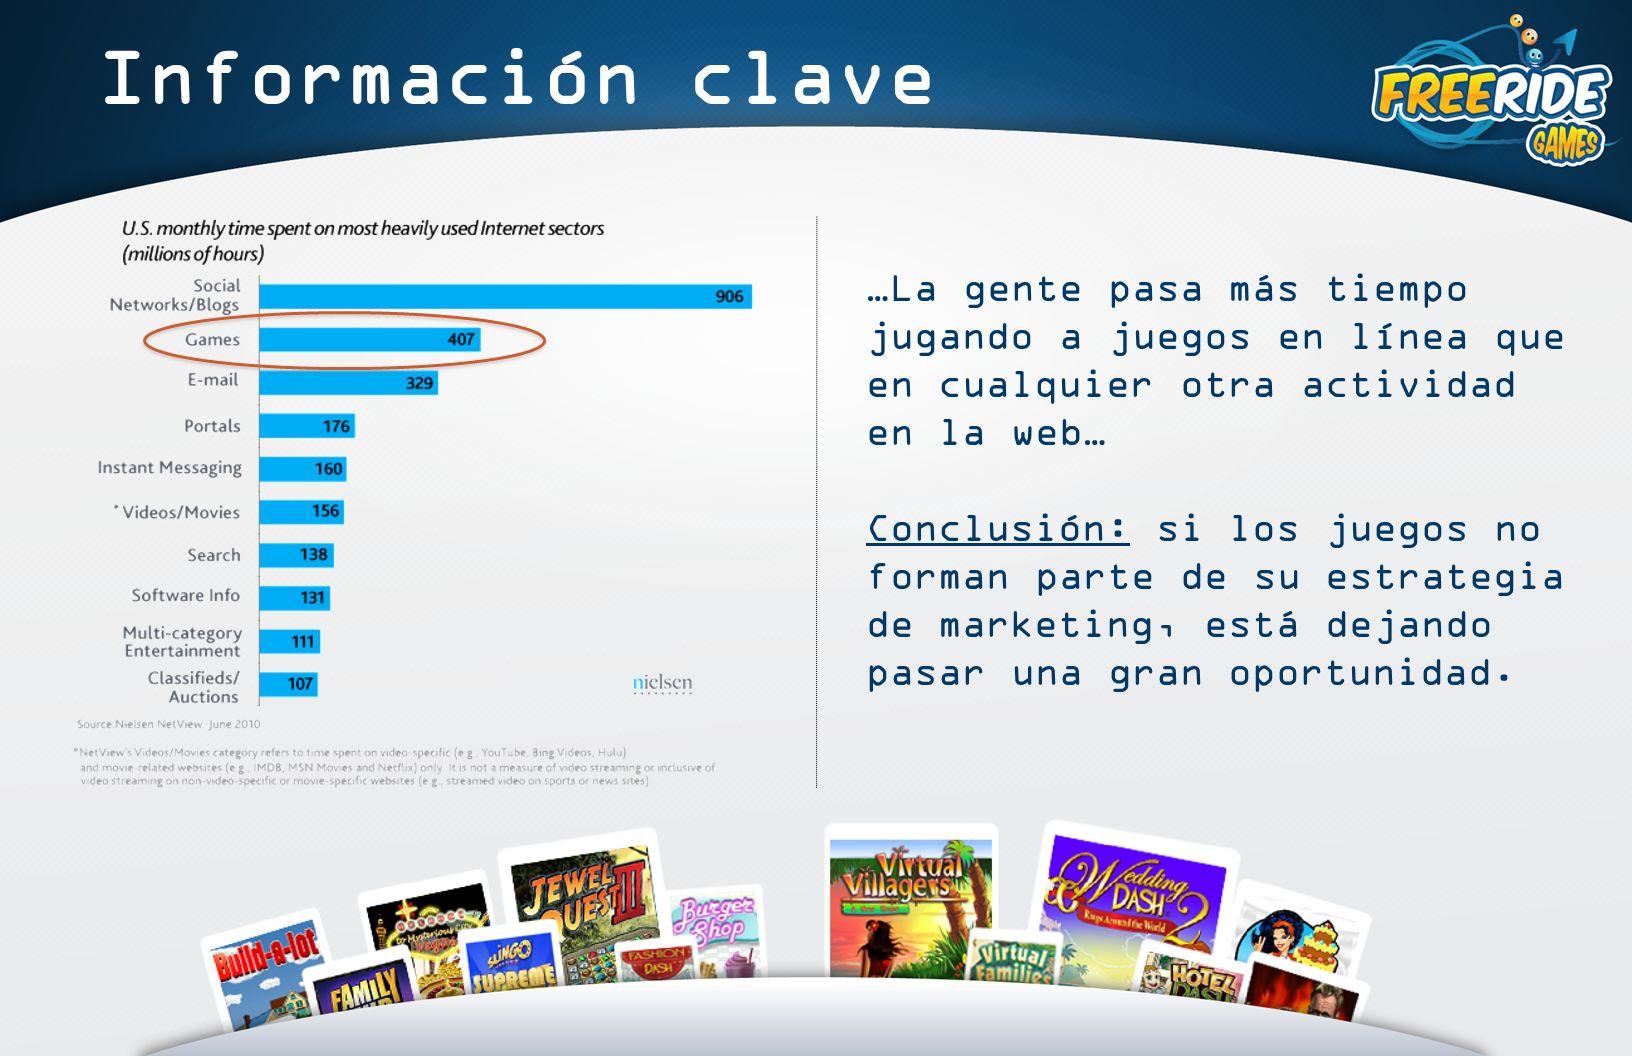 Información clave …La gente pasa más tiempo jugando a juegos en línea que en cualquier otra actividad en la web… Conclusión: si los juegos no forman parte de su estrategia de marketing, está dejando pasar una gran oportunidad.